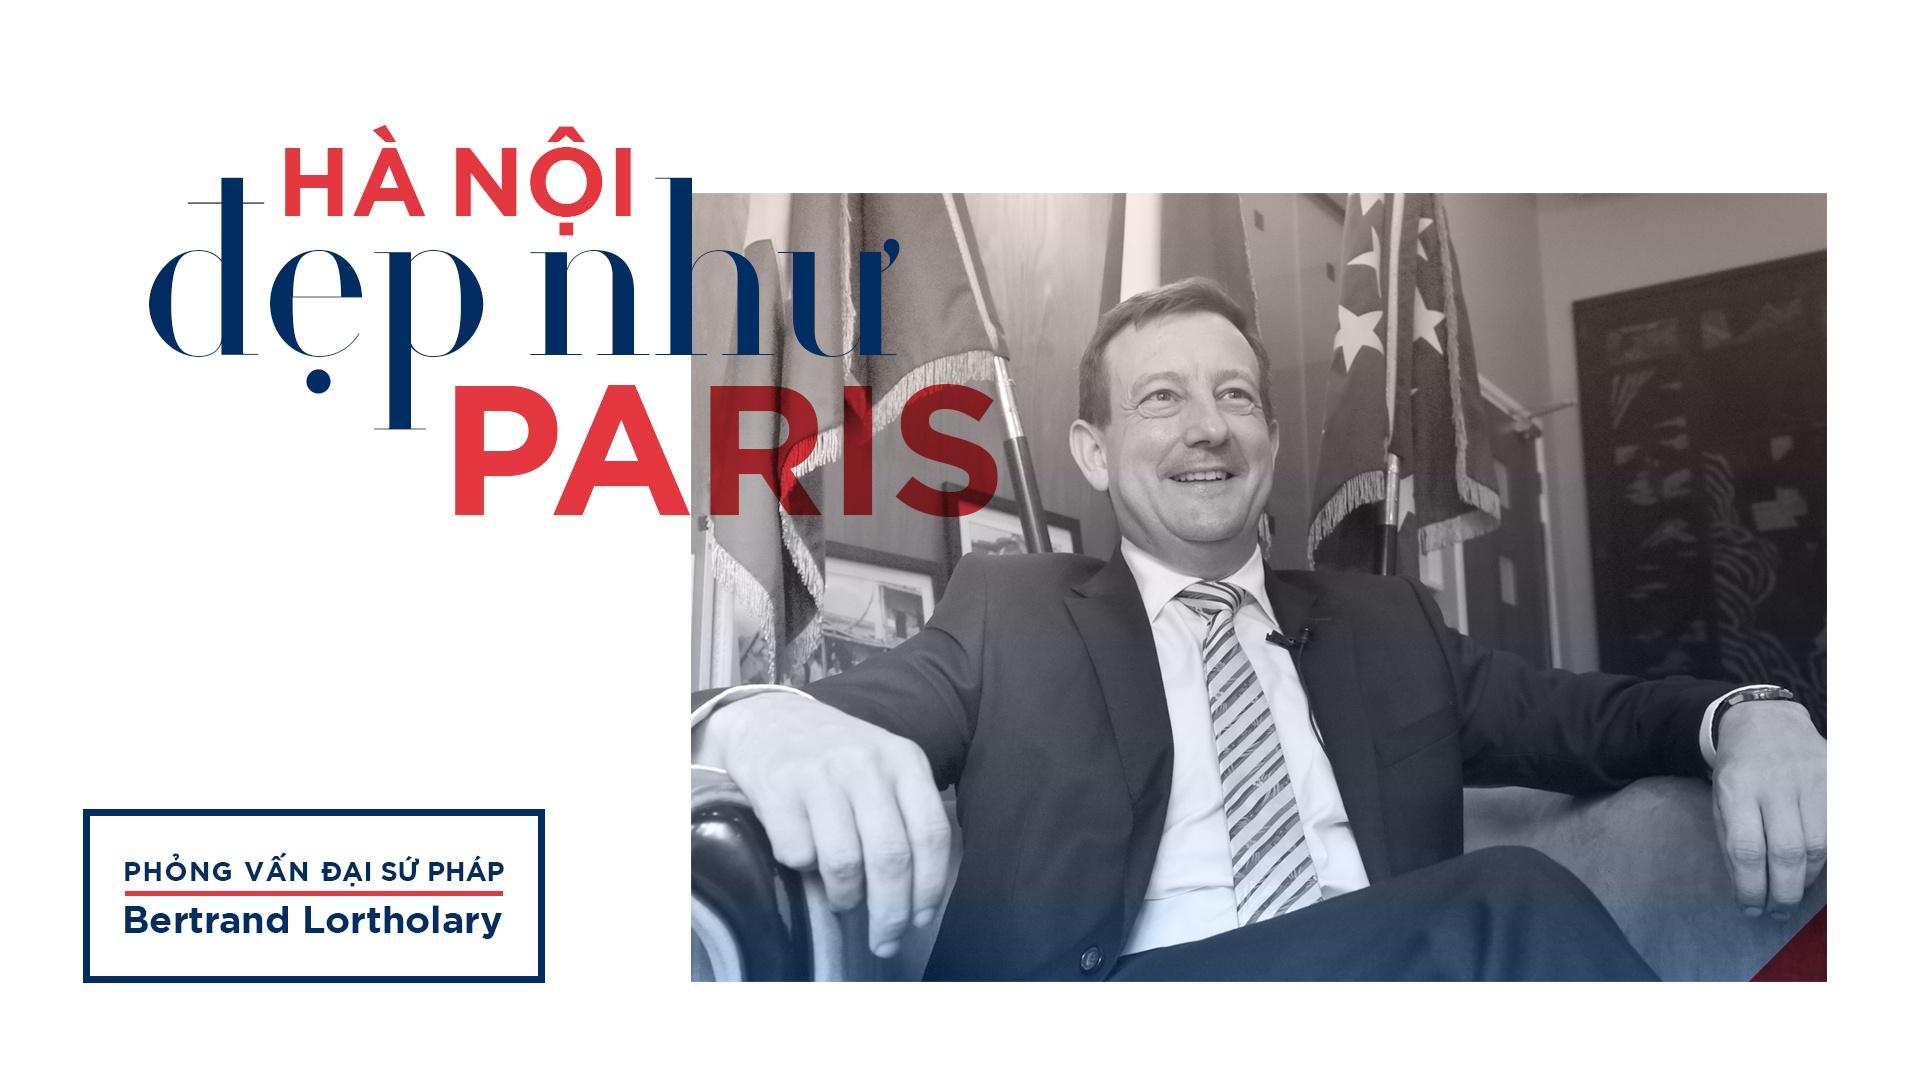 Dai su Phap: 'Ha Noi dep nhu Paris, cang xanh cang quyen ru' hinh anh 1